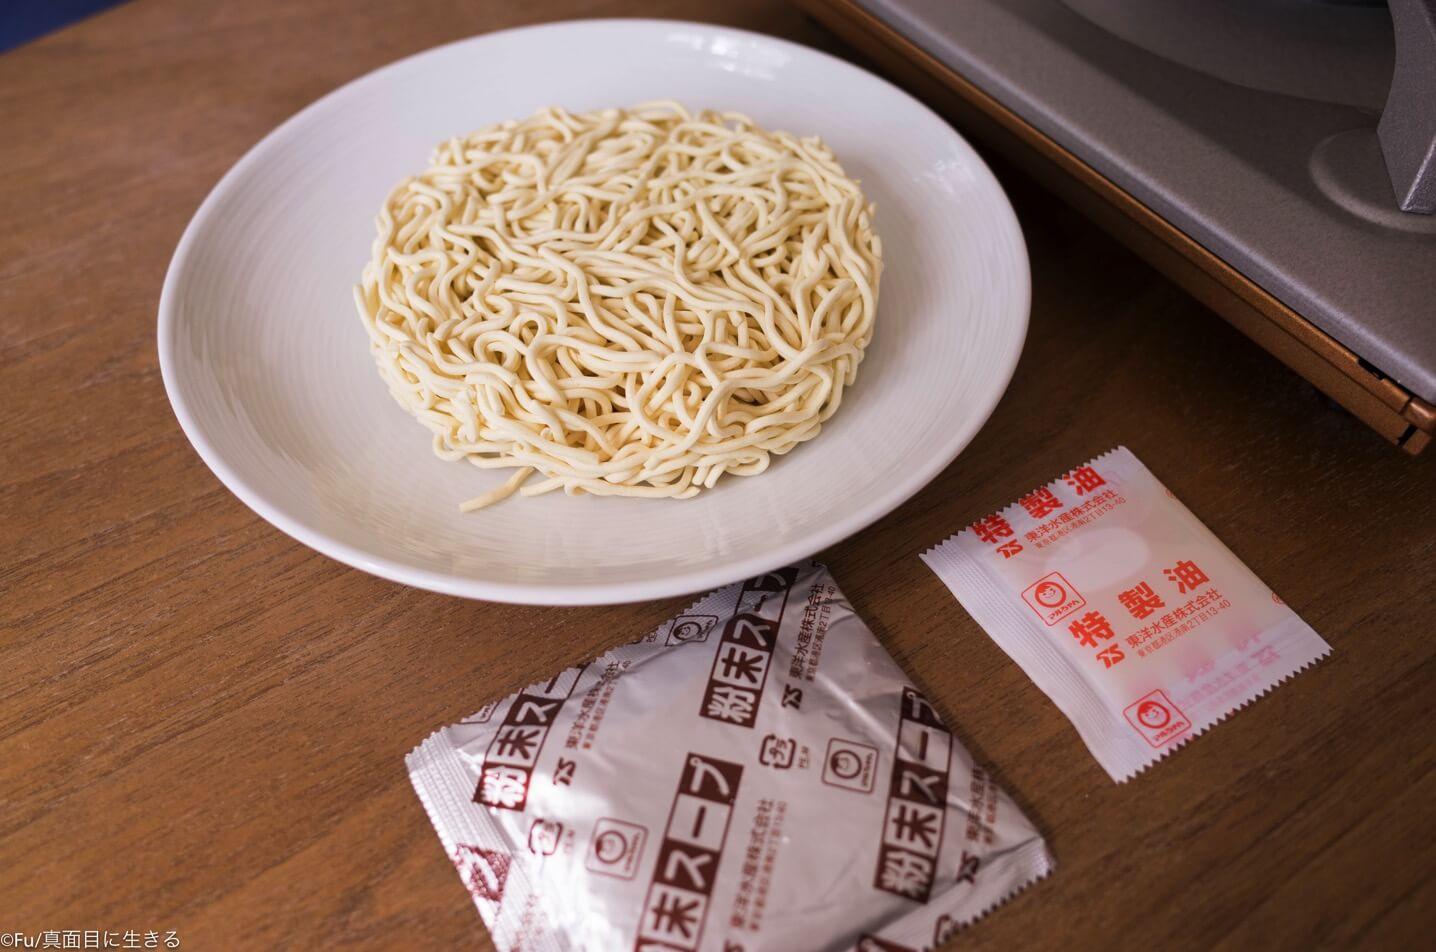 インスタントラーメン 麺が丸い